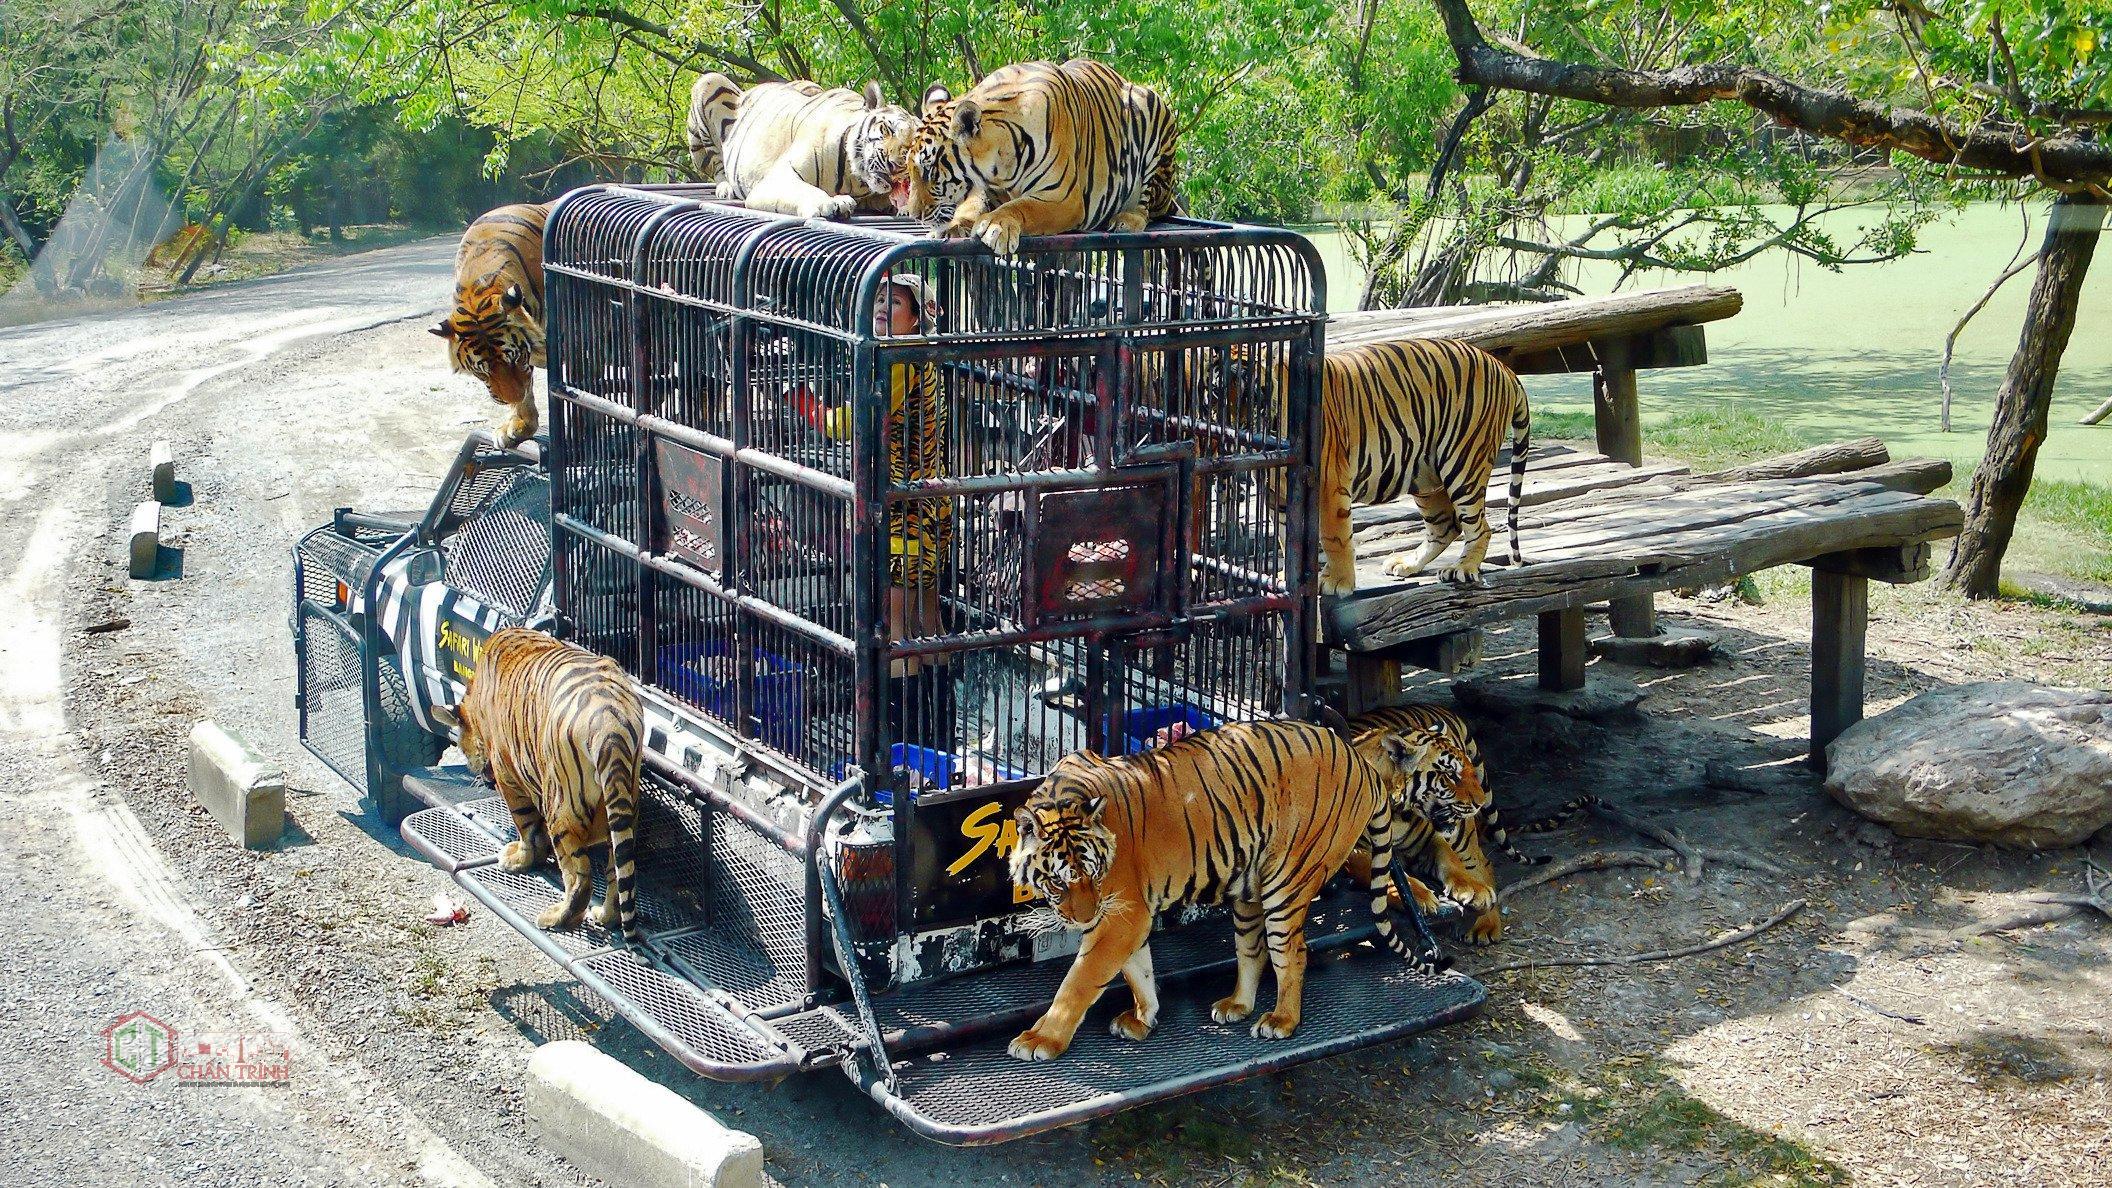 Vườn thú hoang dã - Hình minh họa